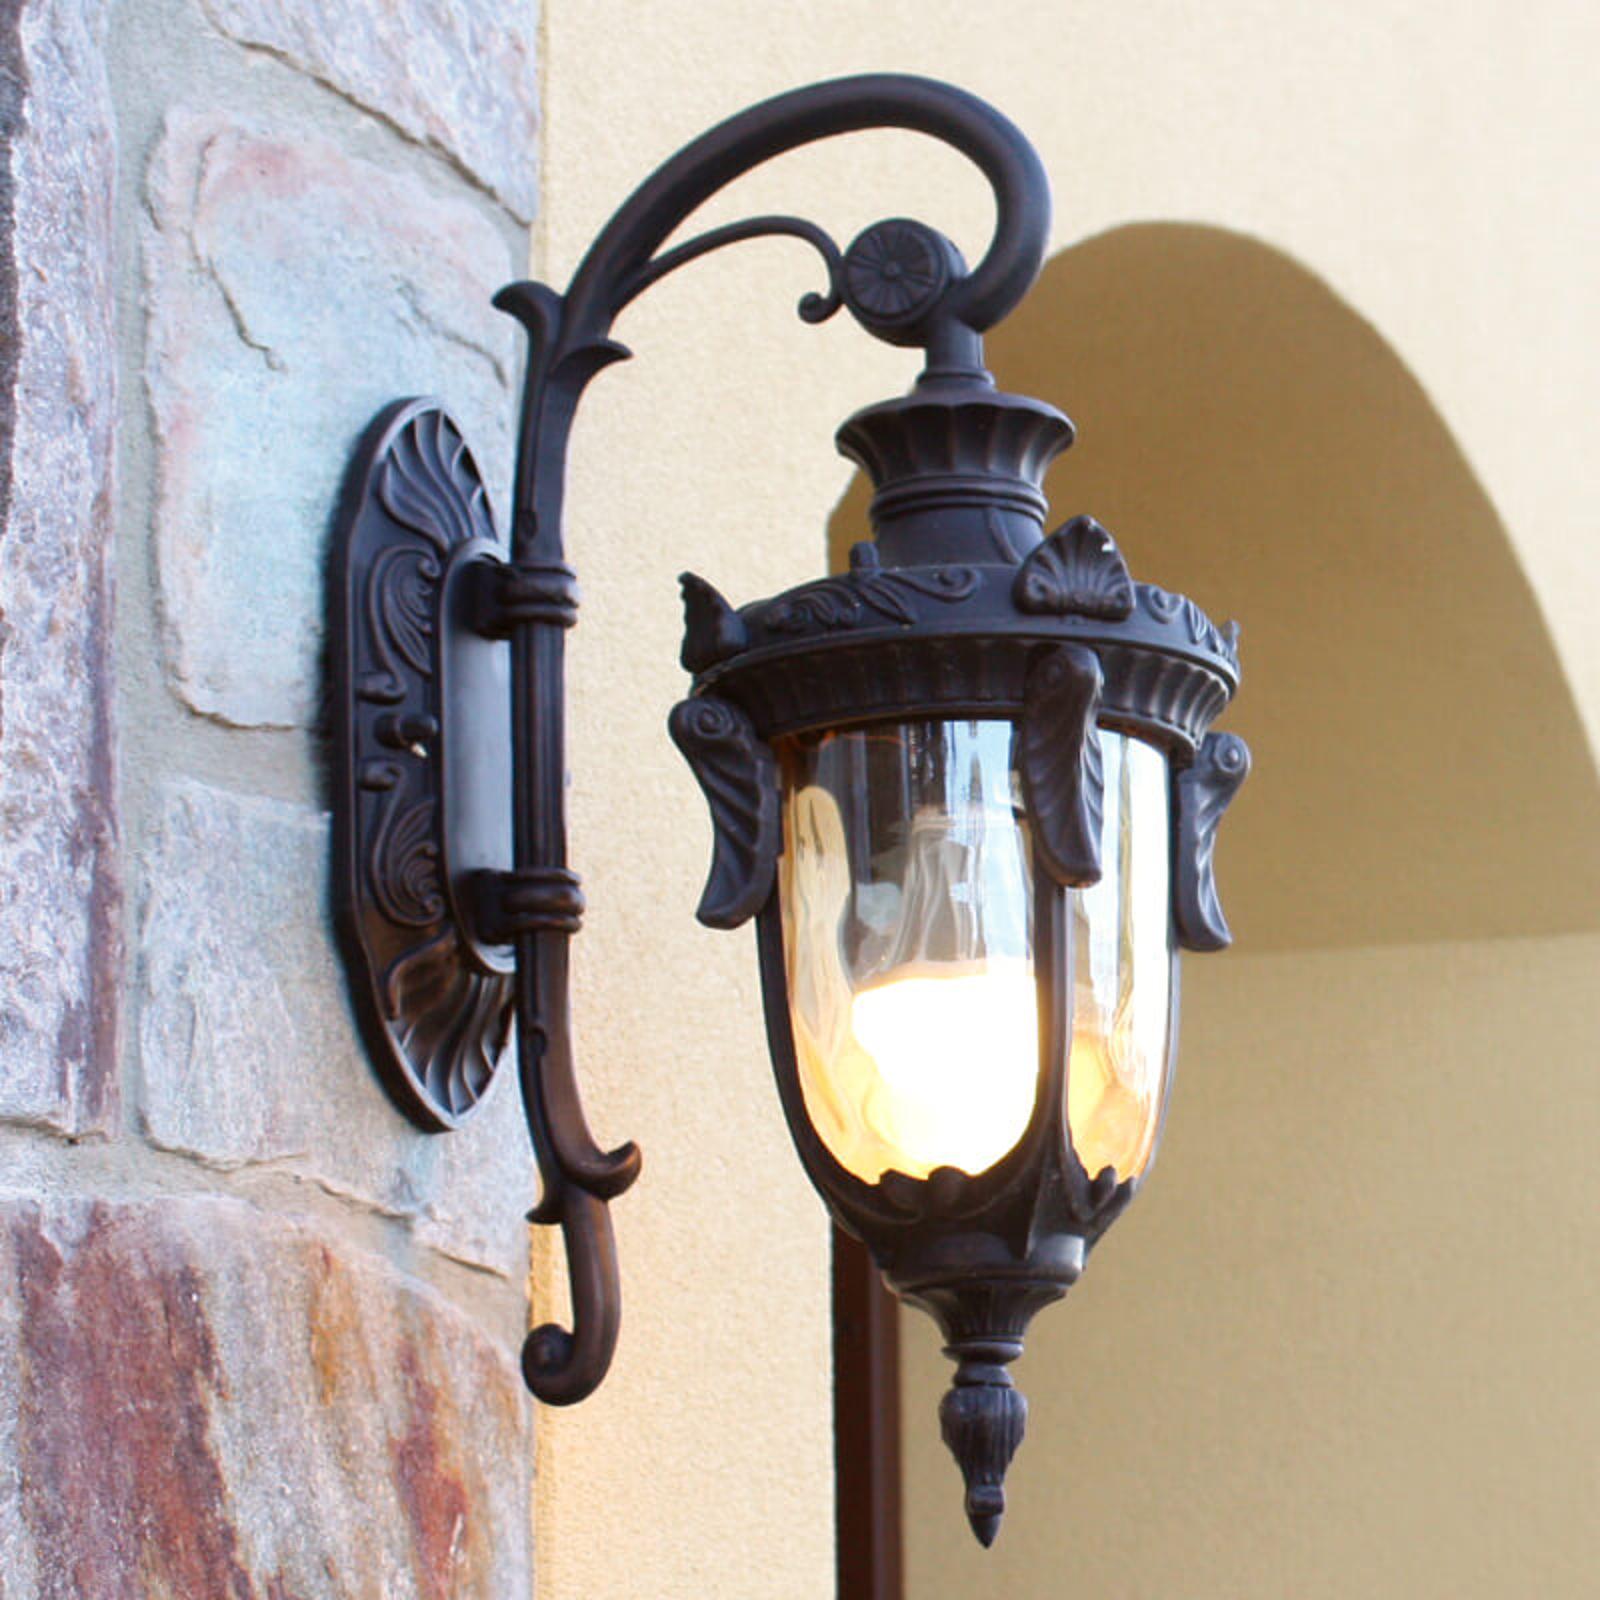 Venkovní nástěnné svítidlo Philadelphia 43 cm